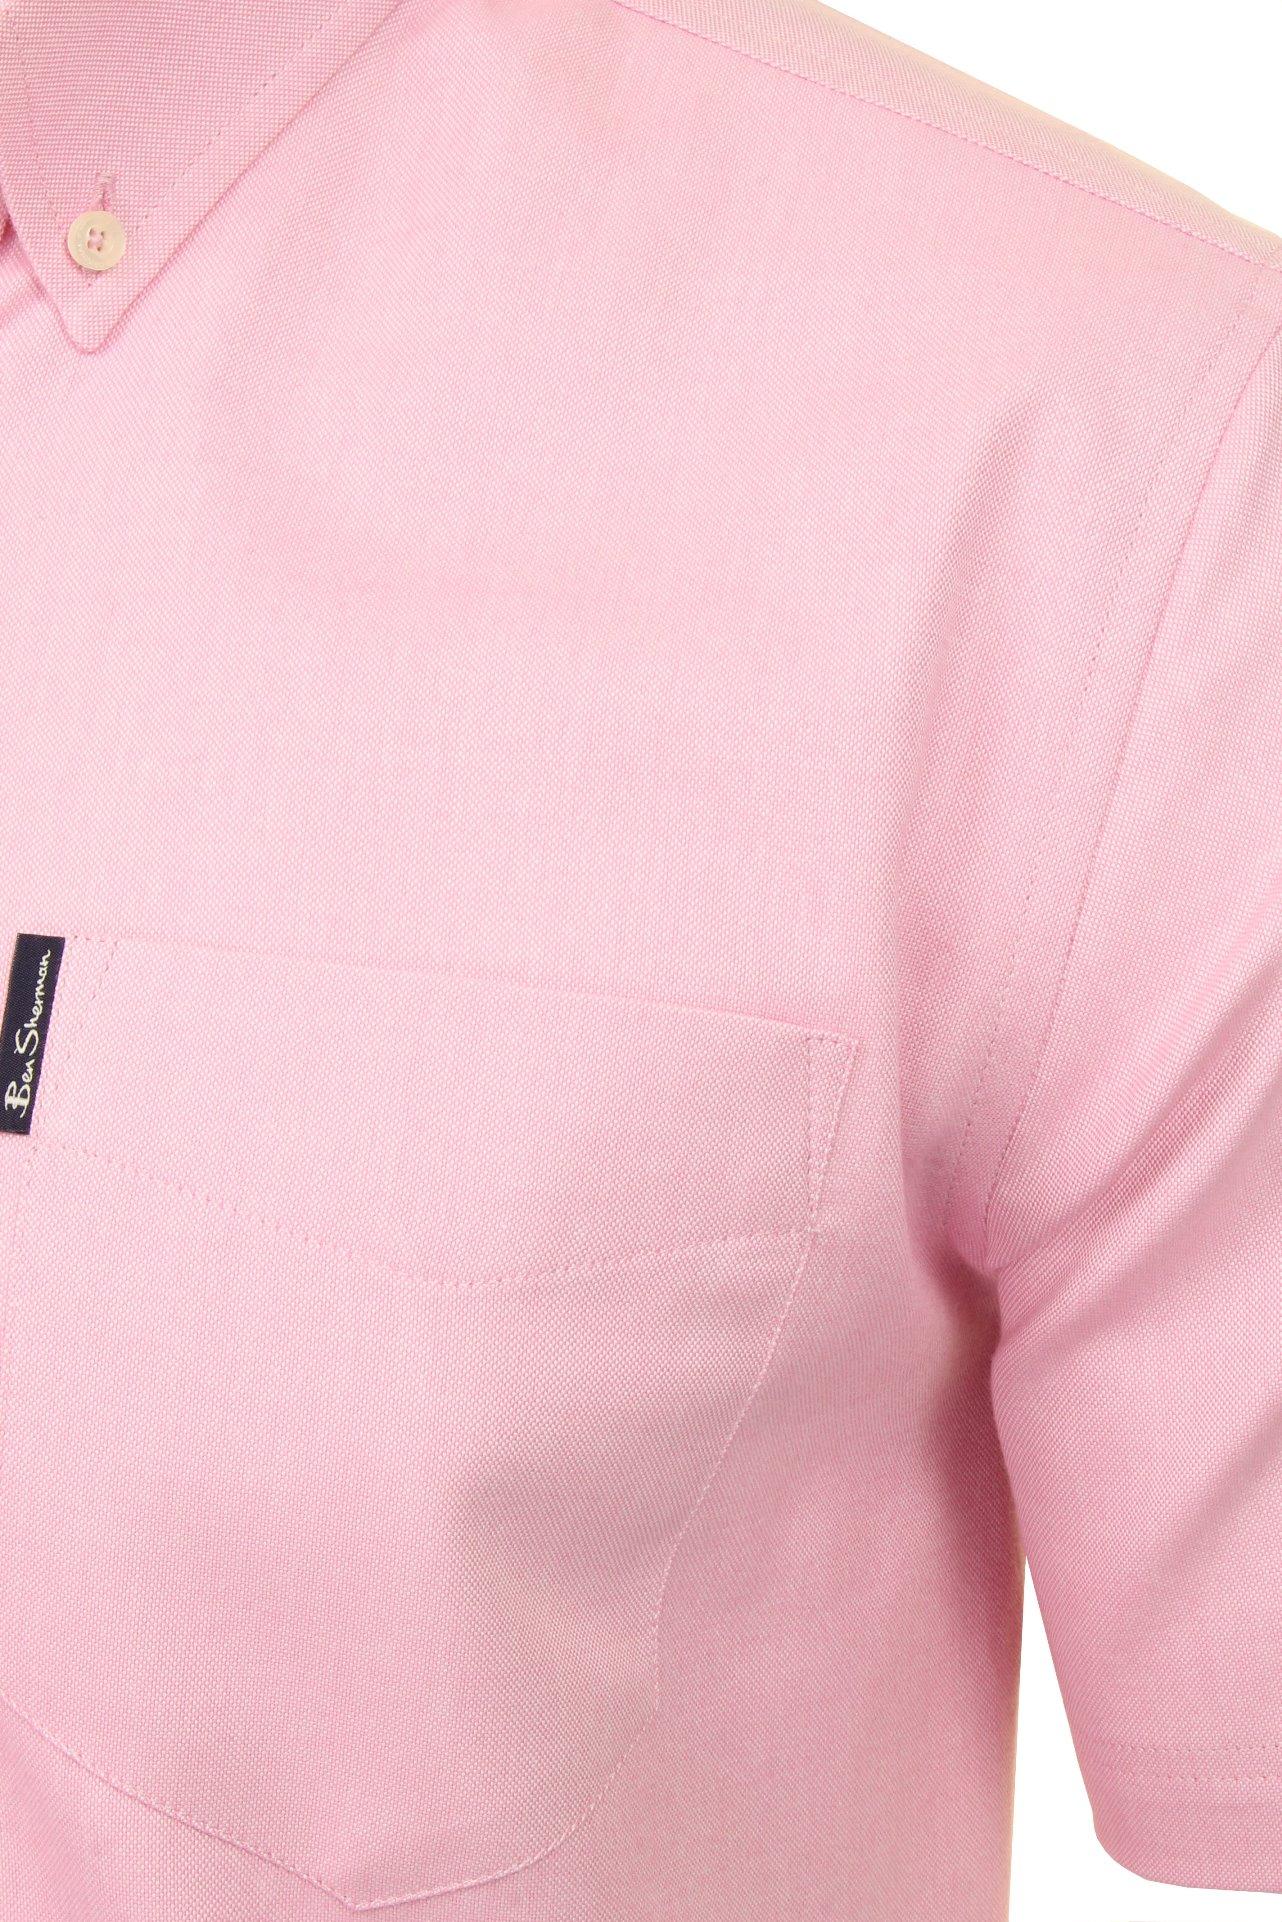 Ben-Sherman-Da-Uomo-Camicia-Oxford-Manica-Corta miniatura 31